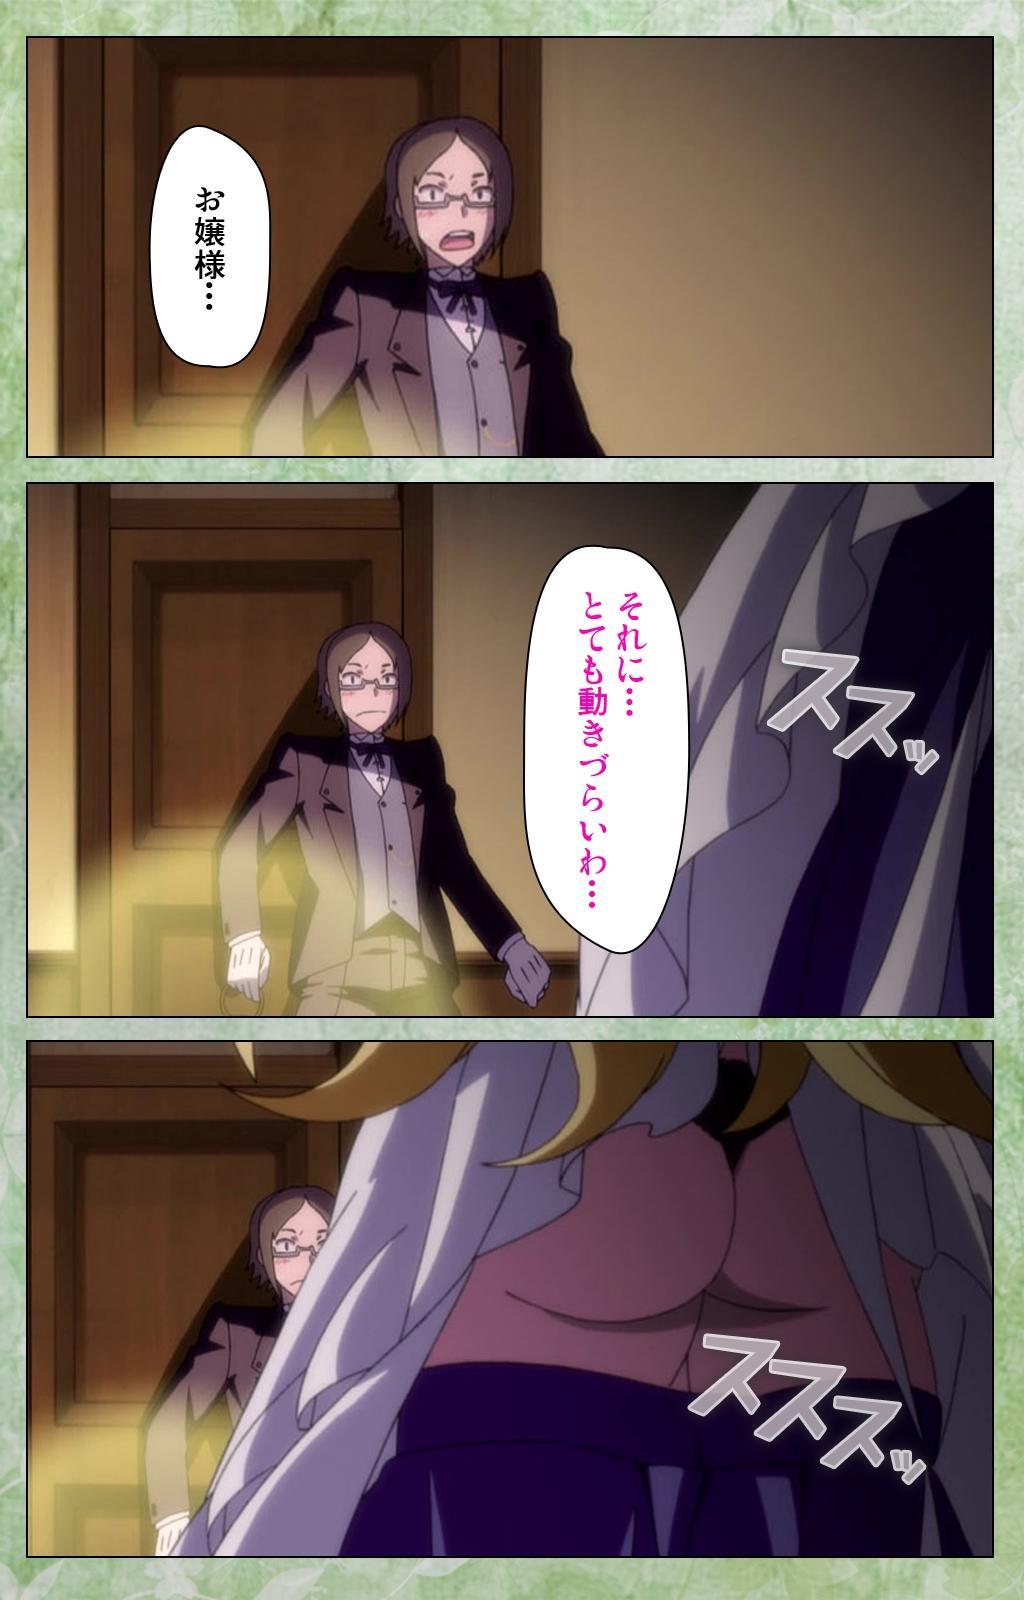 [Shiokonbu] Koimaguwai ~Ikoku na Retoro~ Complete Ban [Digital] 11